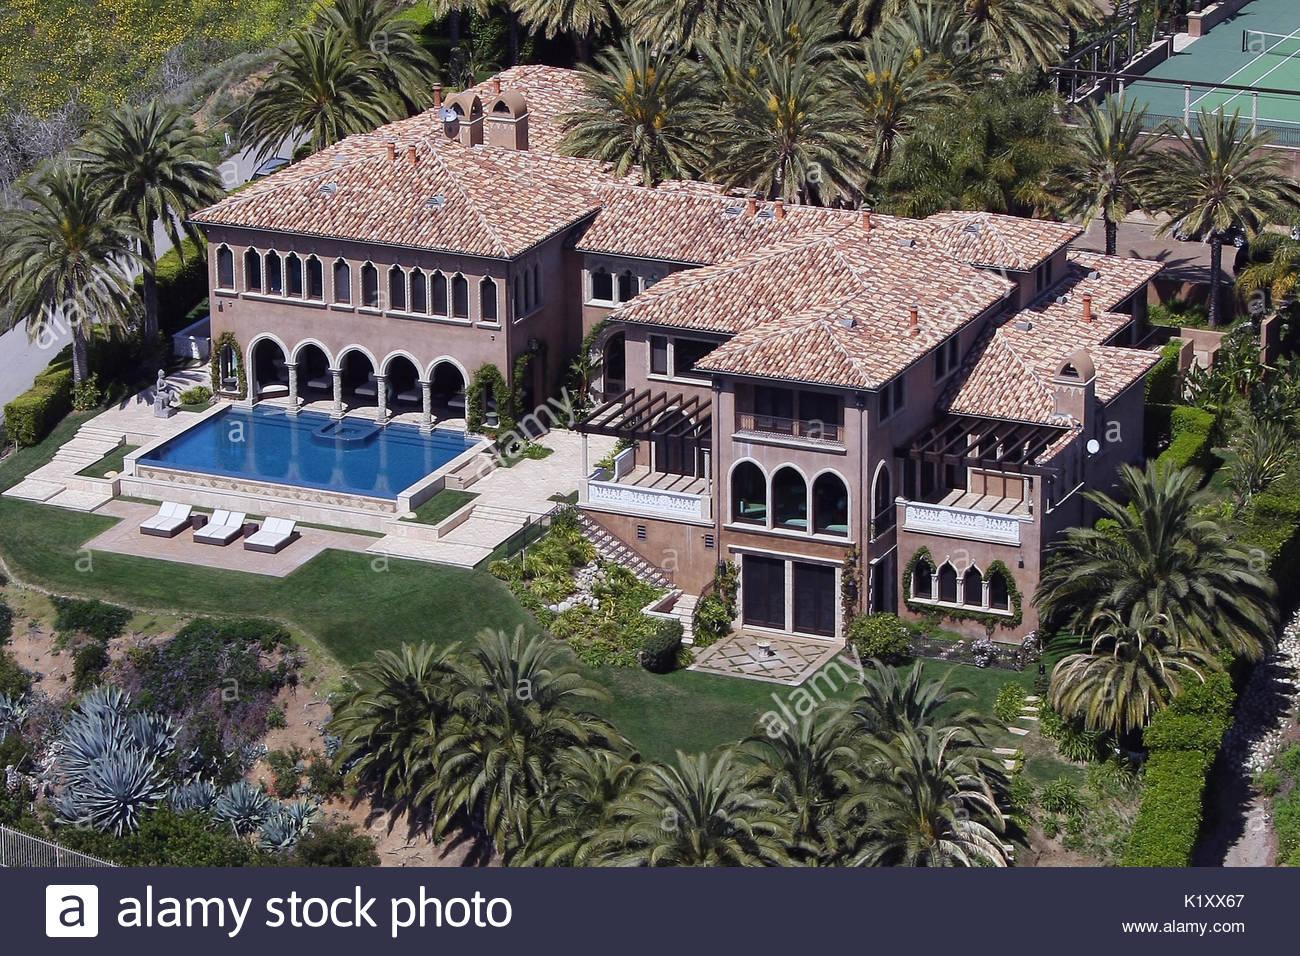 Dies ist die erstaunliche Malibu home von Cher, die auf dem Markt ...